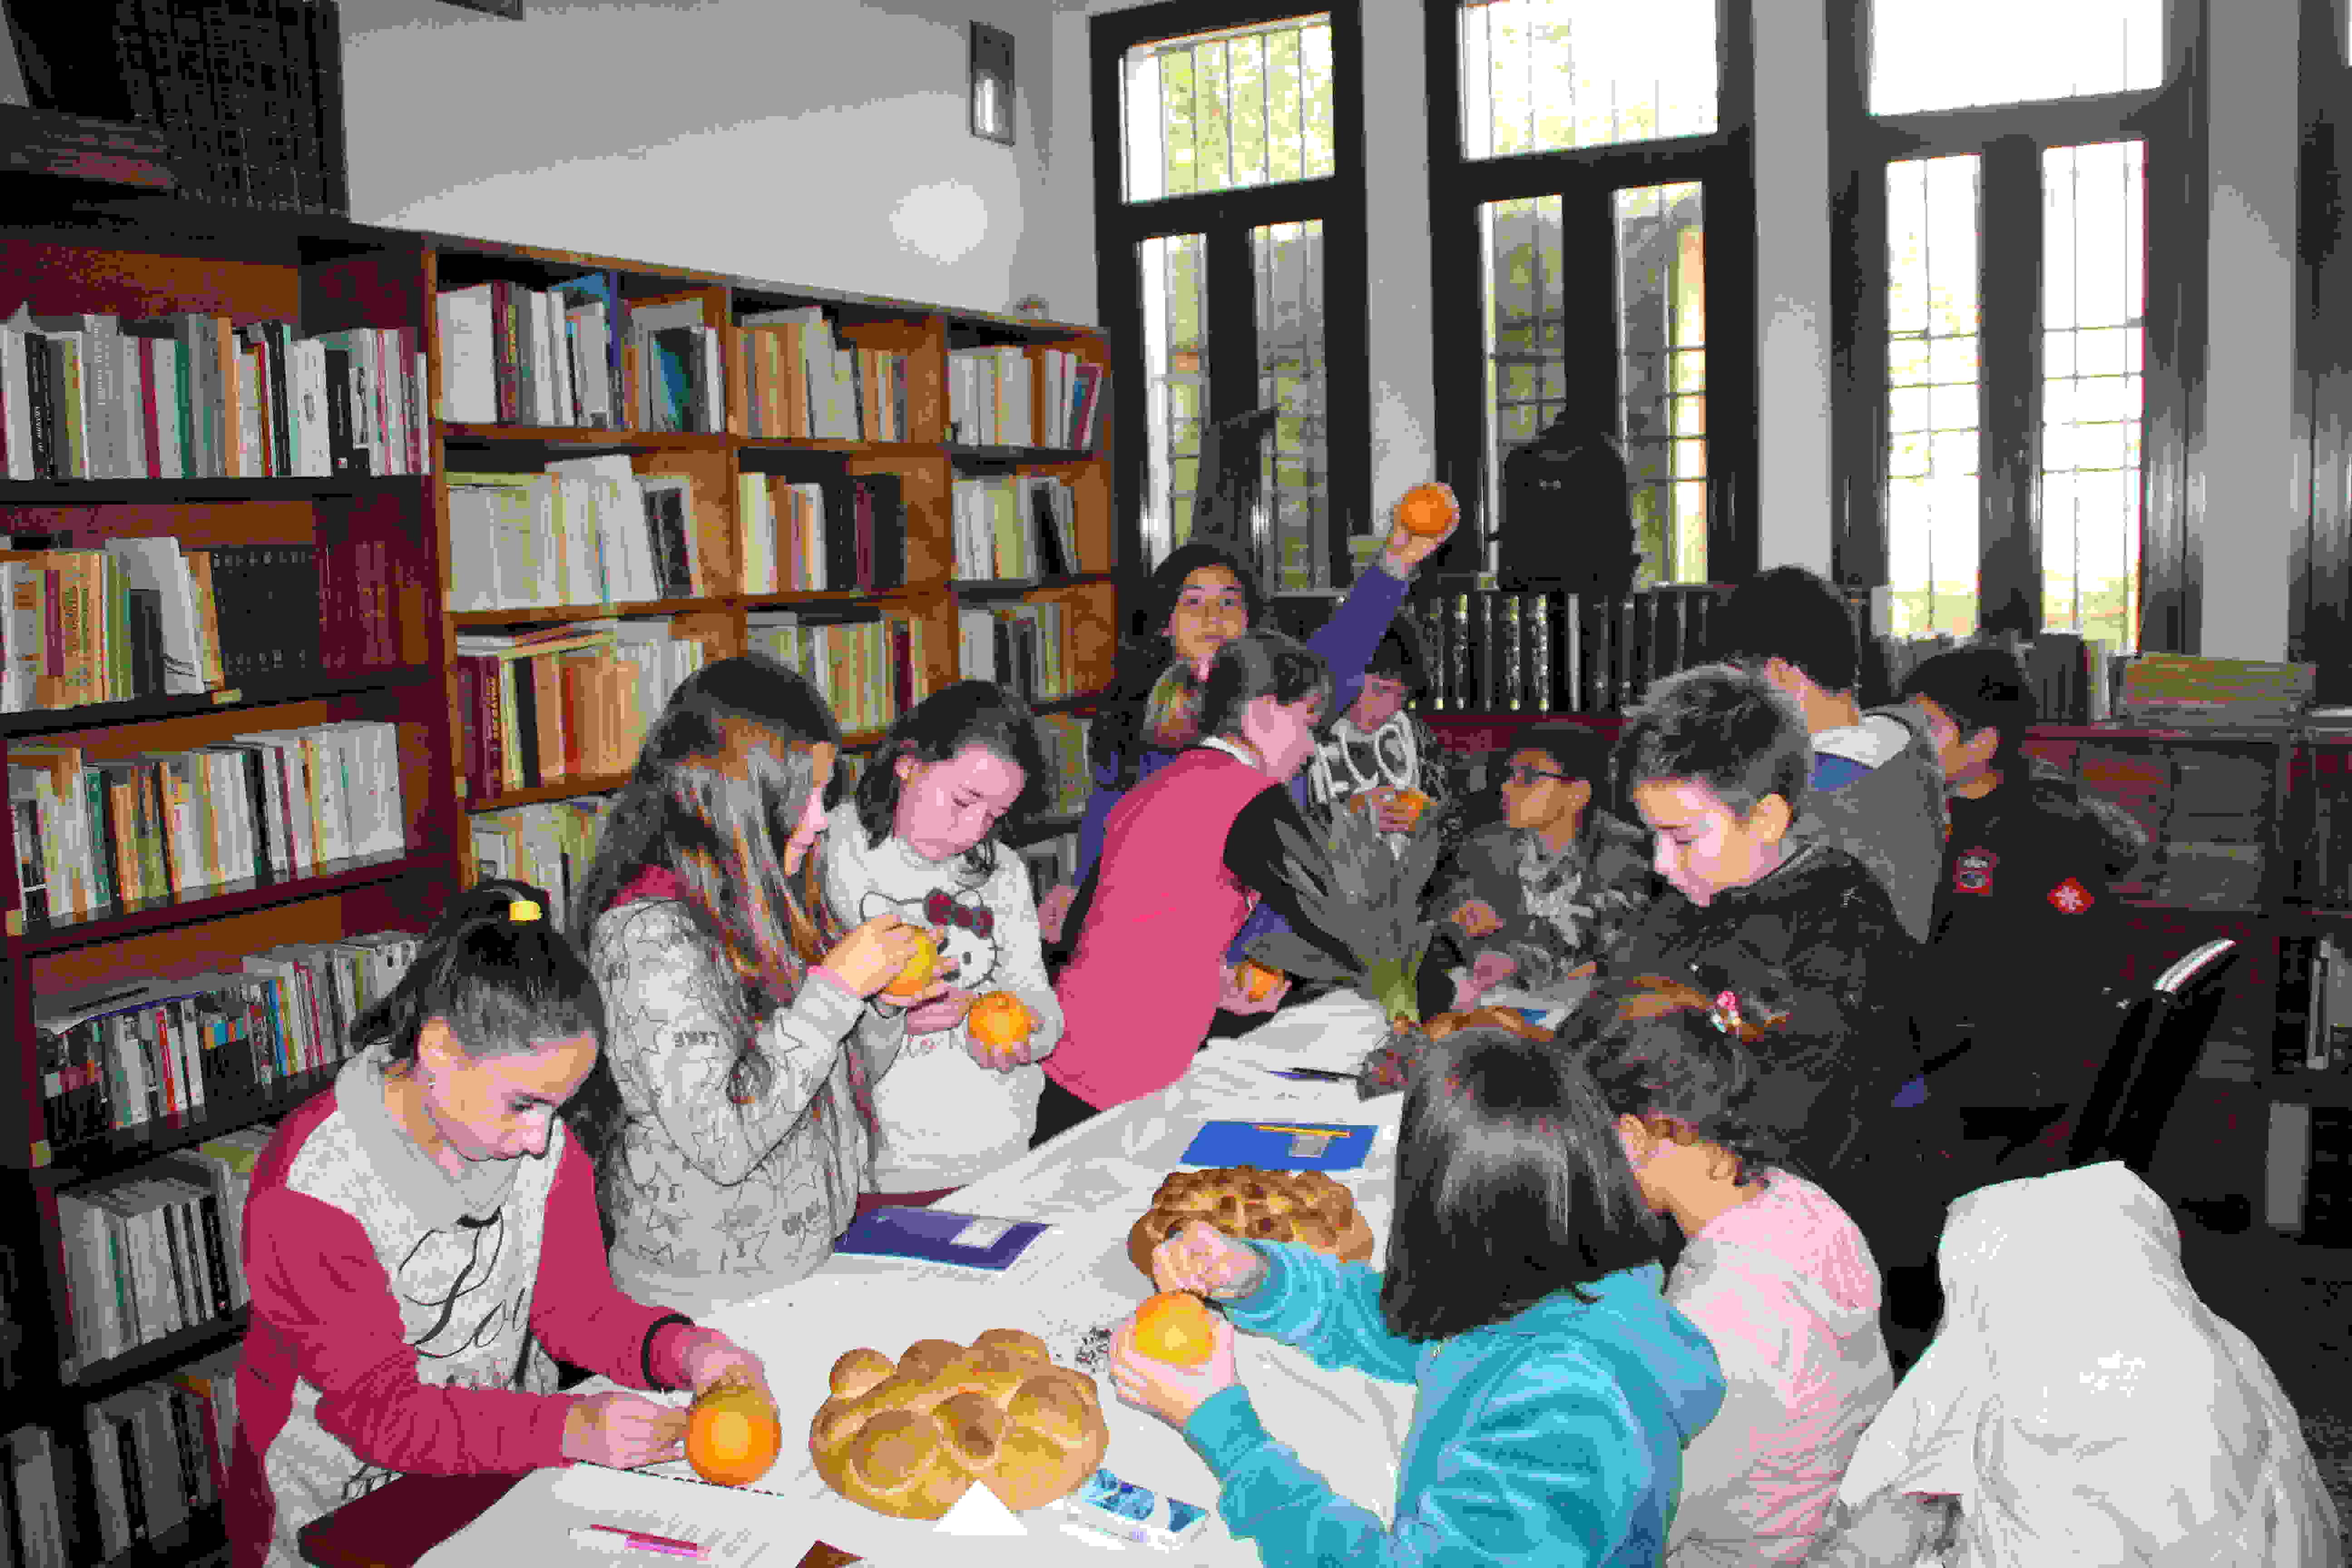 Παρουσίαση του Κεφαλονίτικου Δωδεκαήμερου στην βιβλιοθήκη Ληξουρίου «Δαμοδός» στις 20 και 21 Δεκεμβρίου 2016